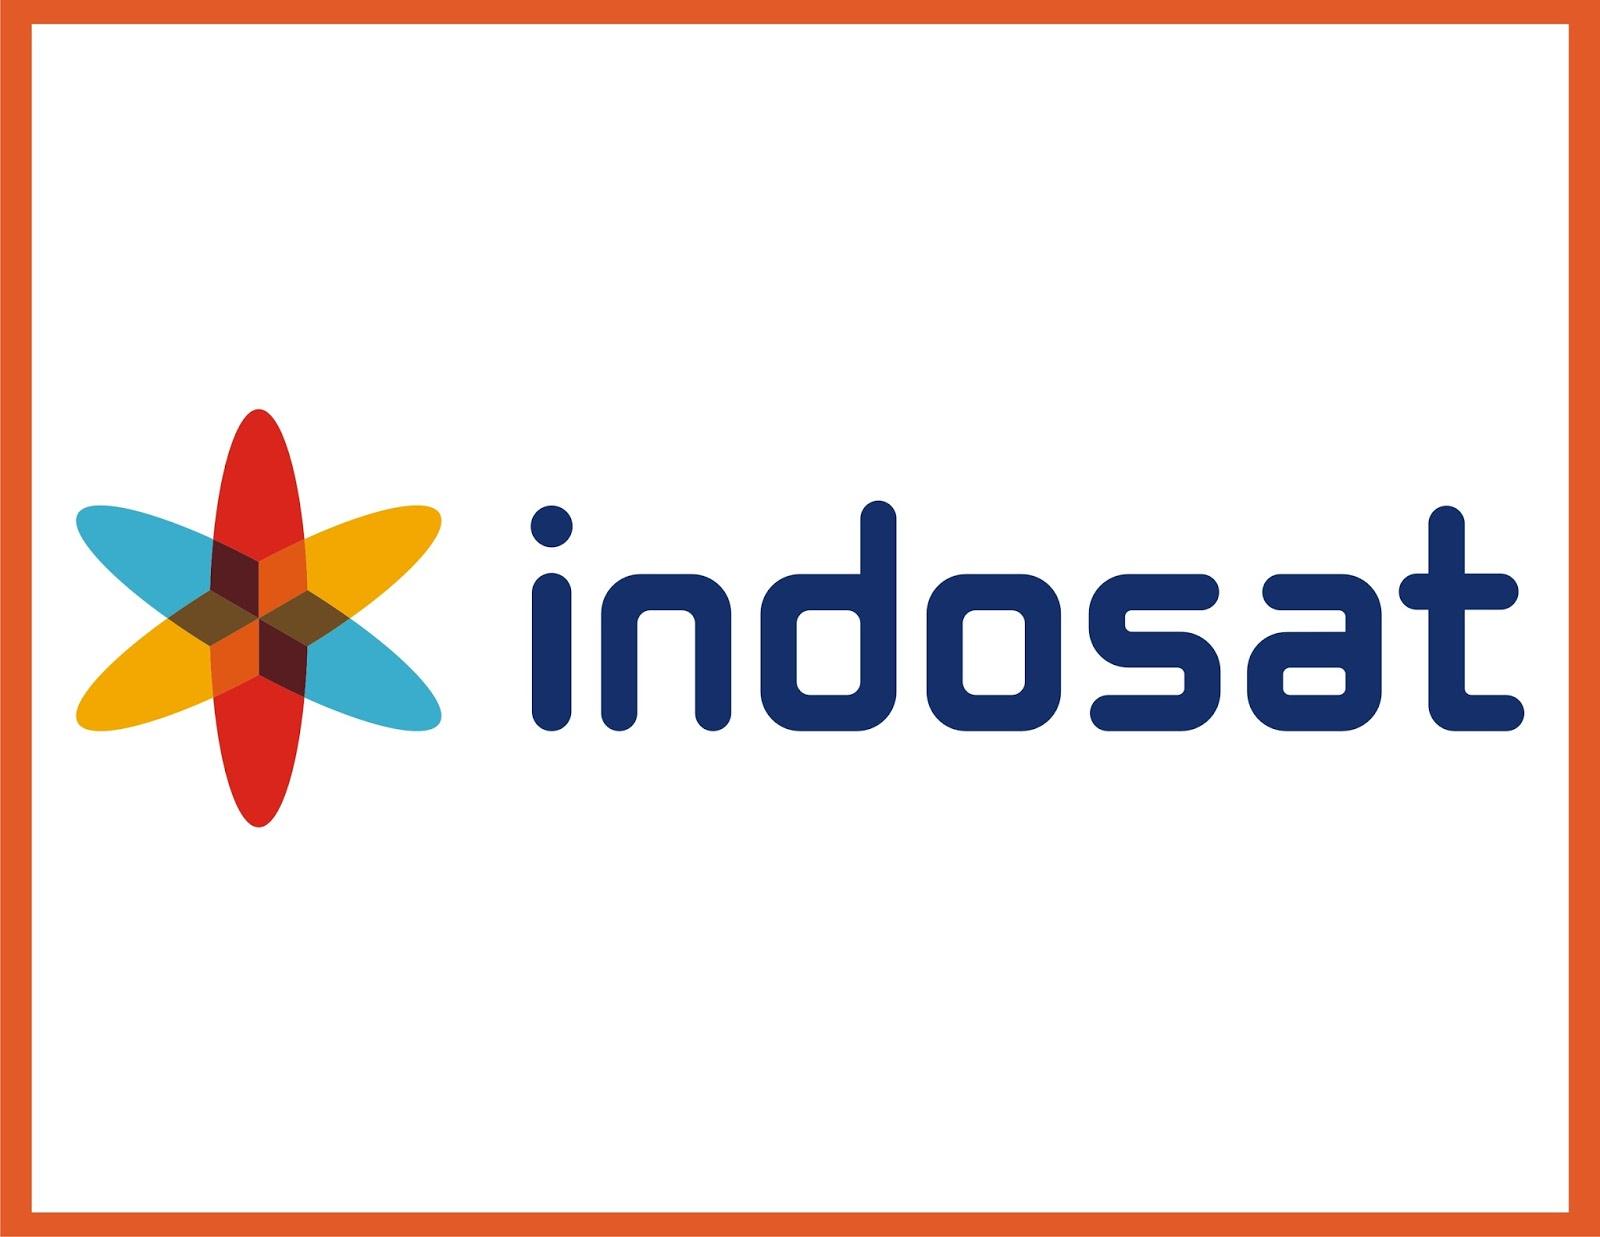 Lowongan Kerja Pt Indosat Info Lowongan Pekerjaan Terbaru 2015